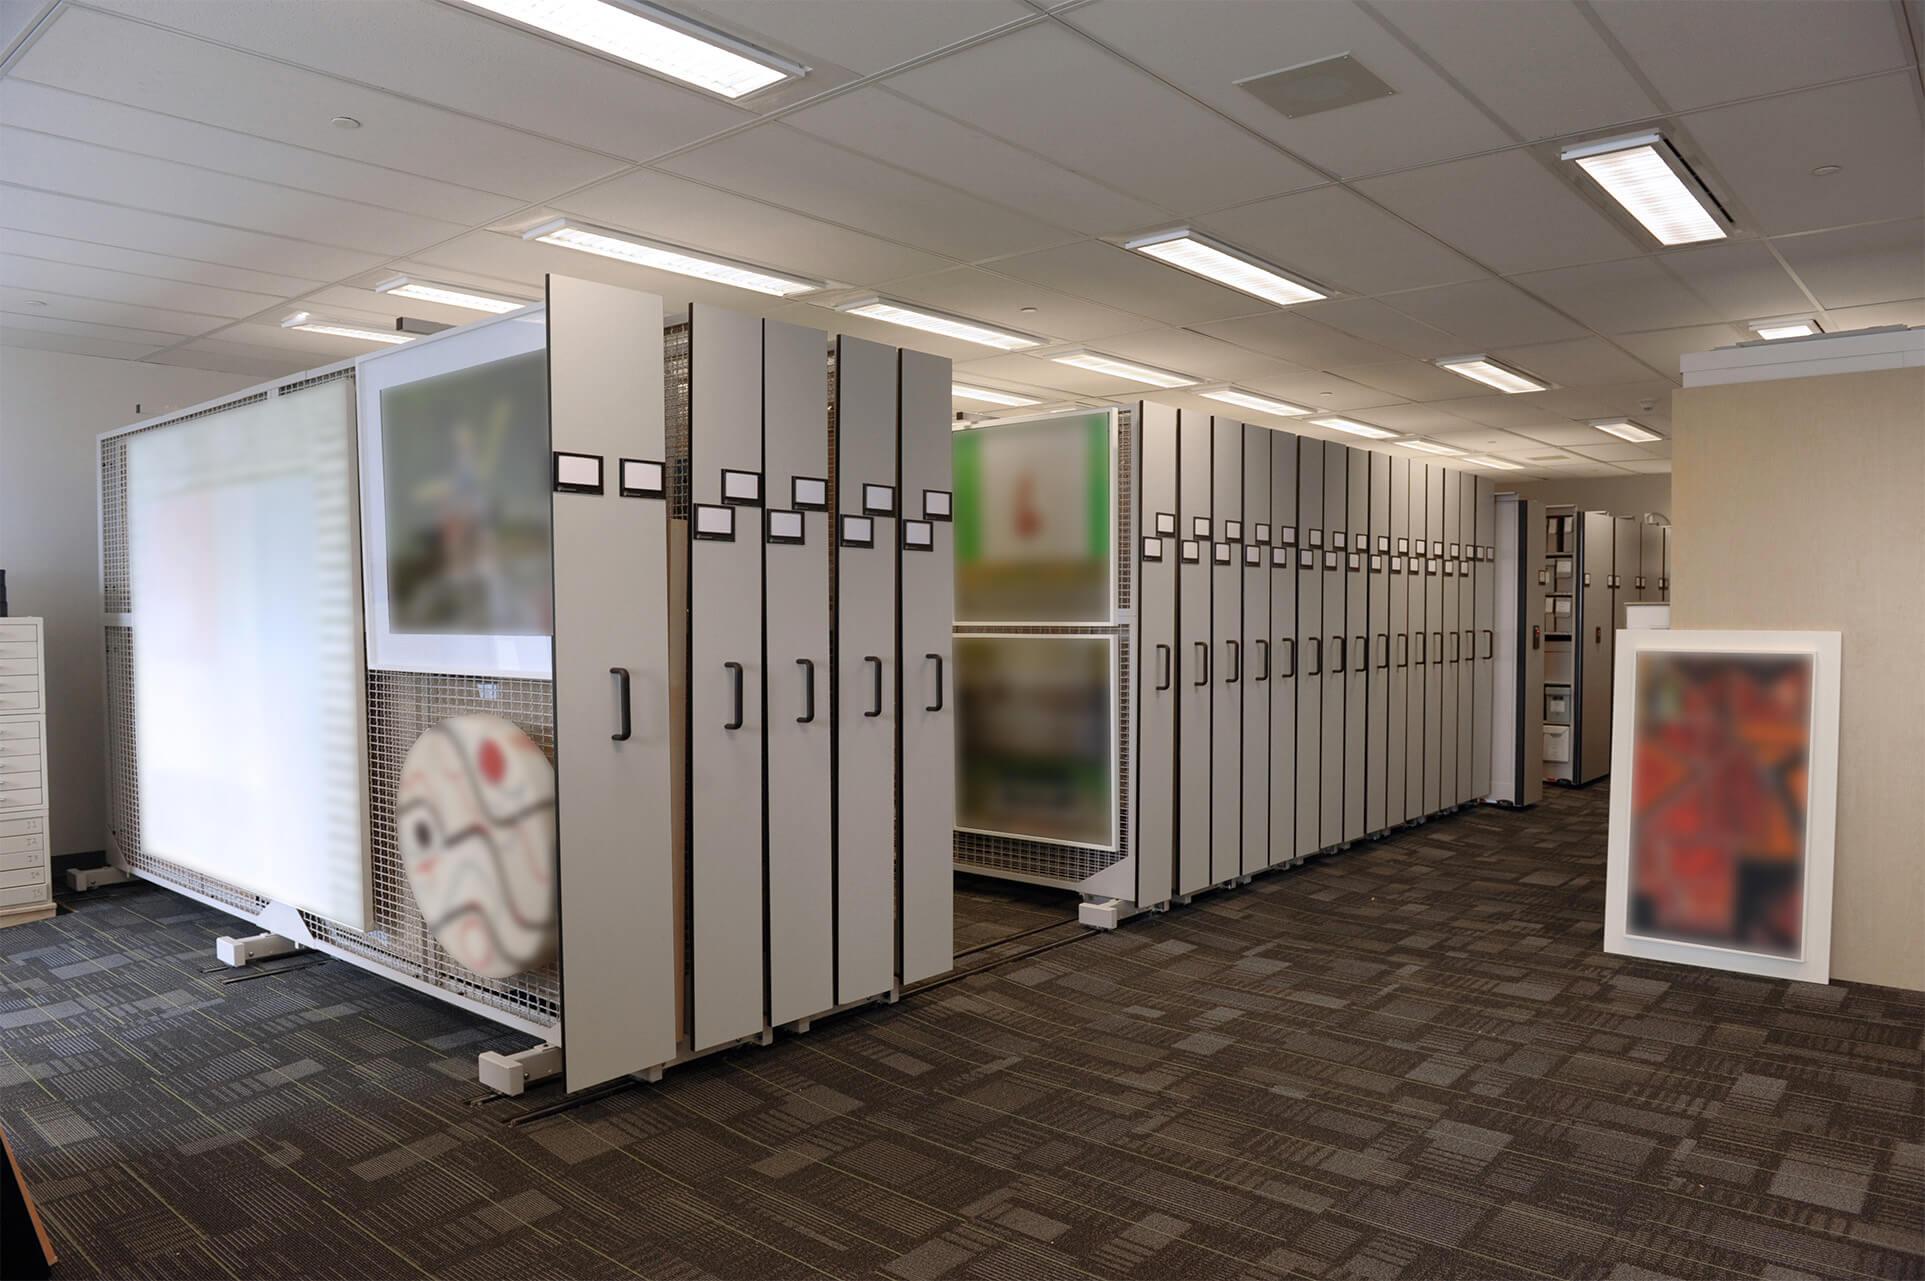 Ontario bank's art collection on mobile art racks